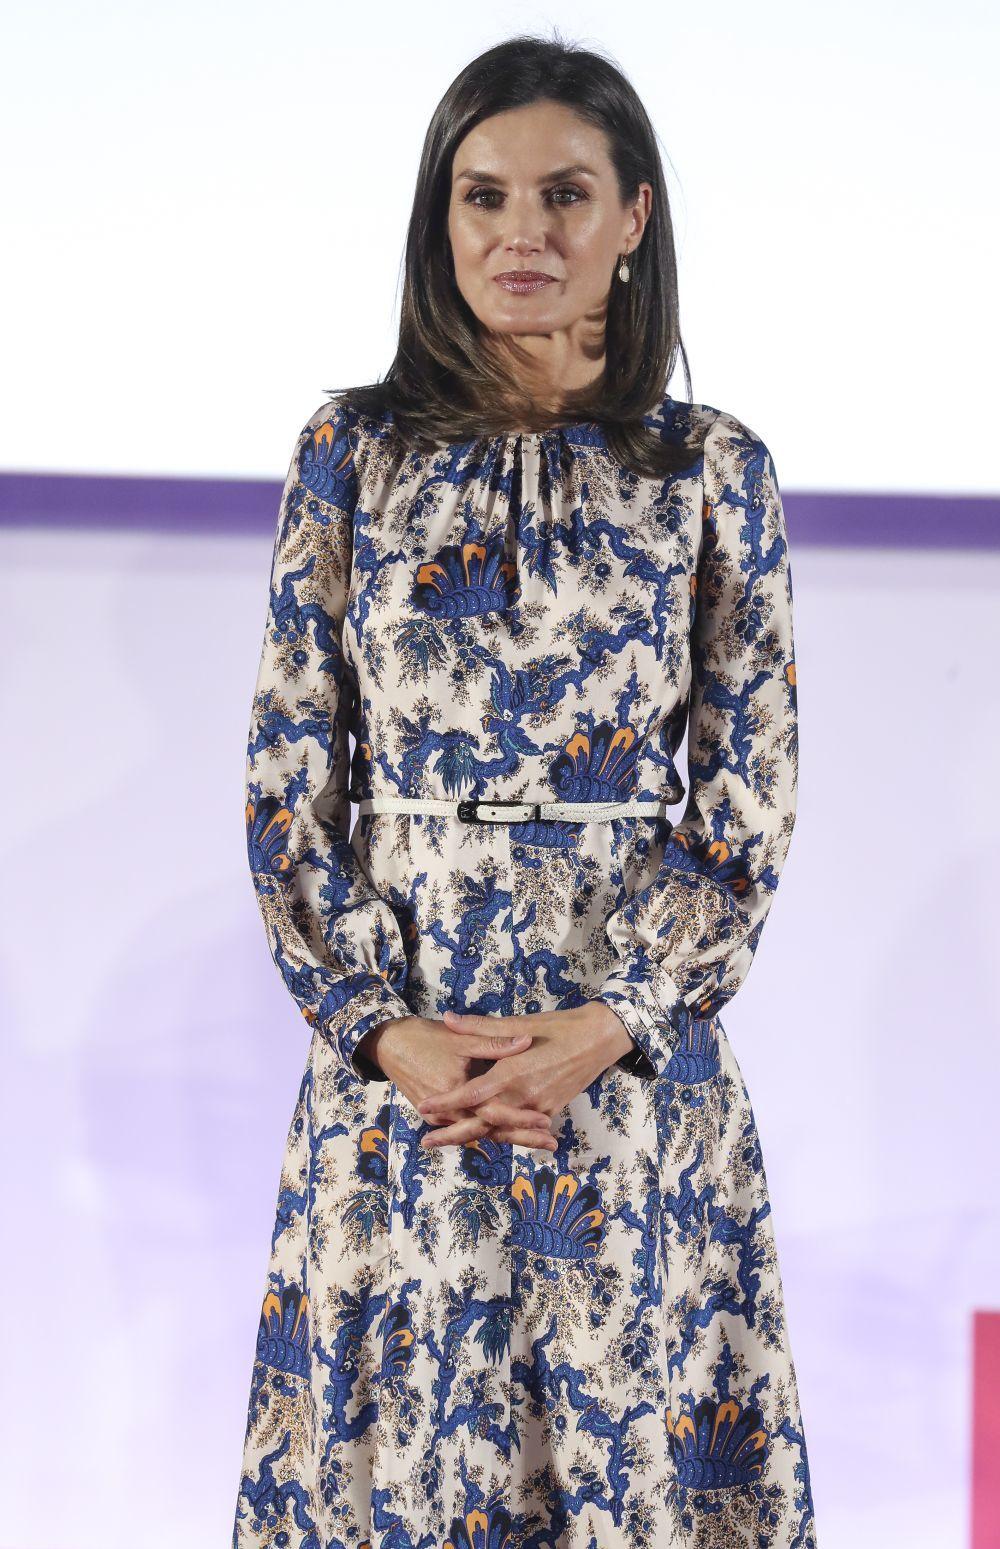 ebebc910a La reina Letizia estrena el vestido floral que ya llevó otra royal ...